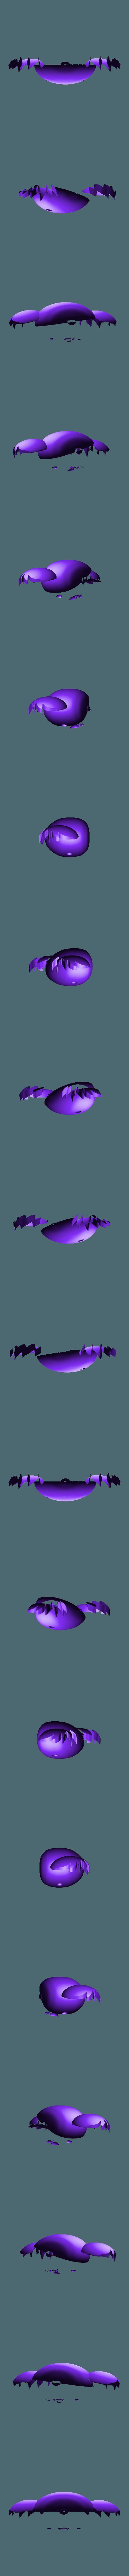 head_grey.stl Télécharger fichier STL gratuit Koala (de la série animée Pucca) MMU • Objet à imprimer en 3D, Jangie